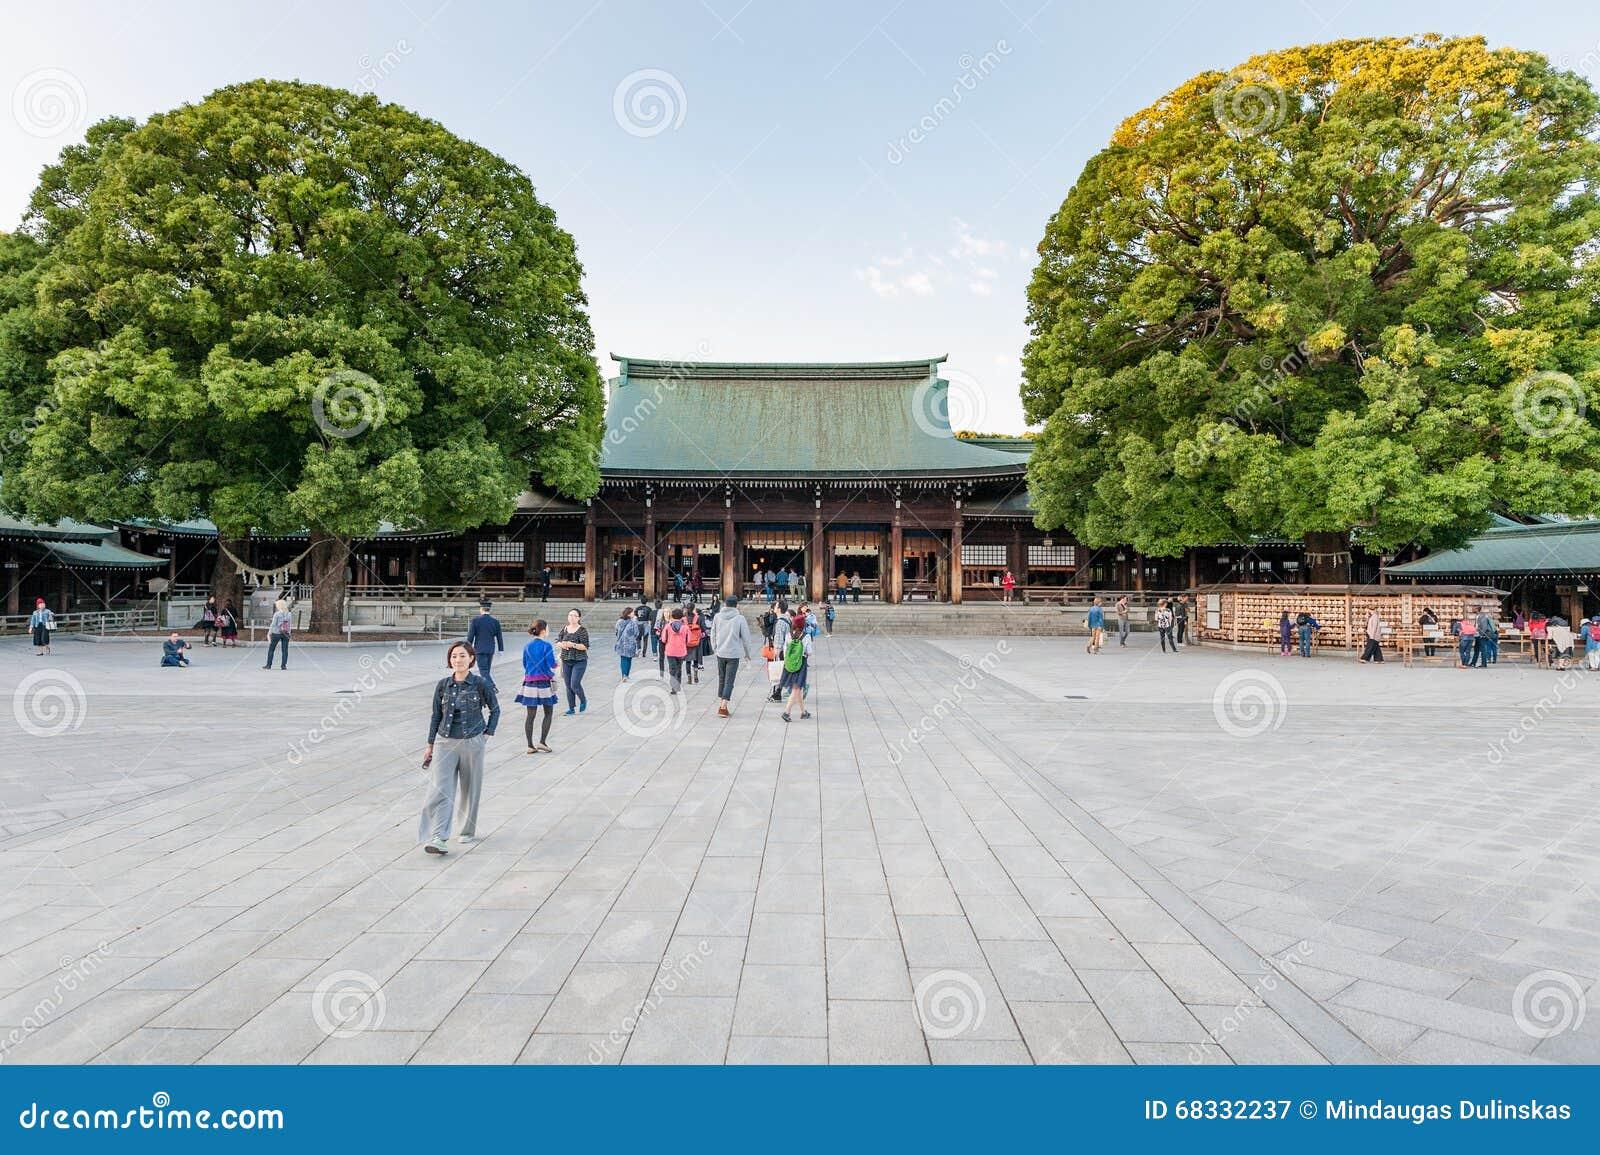 TOKYO, JAPON - 7 OCTOBRE 2015 : Entrée à Meiji Shrine impériale située dans Shibuya, tombeau de Tokyo qui est consacré au deifi